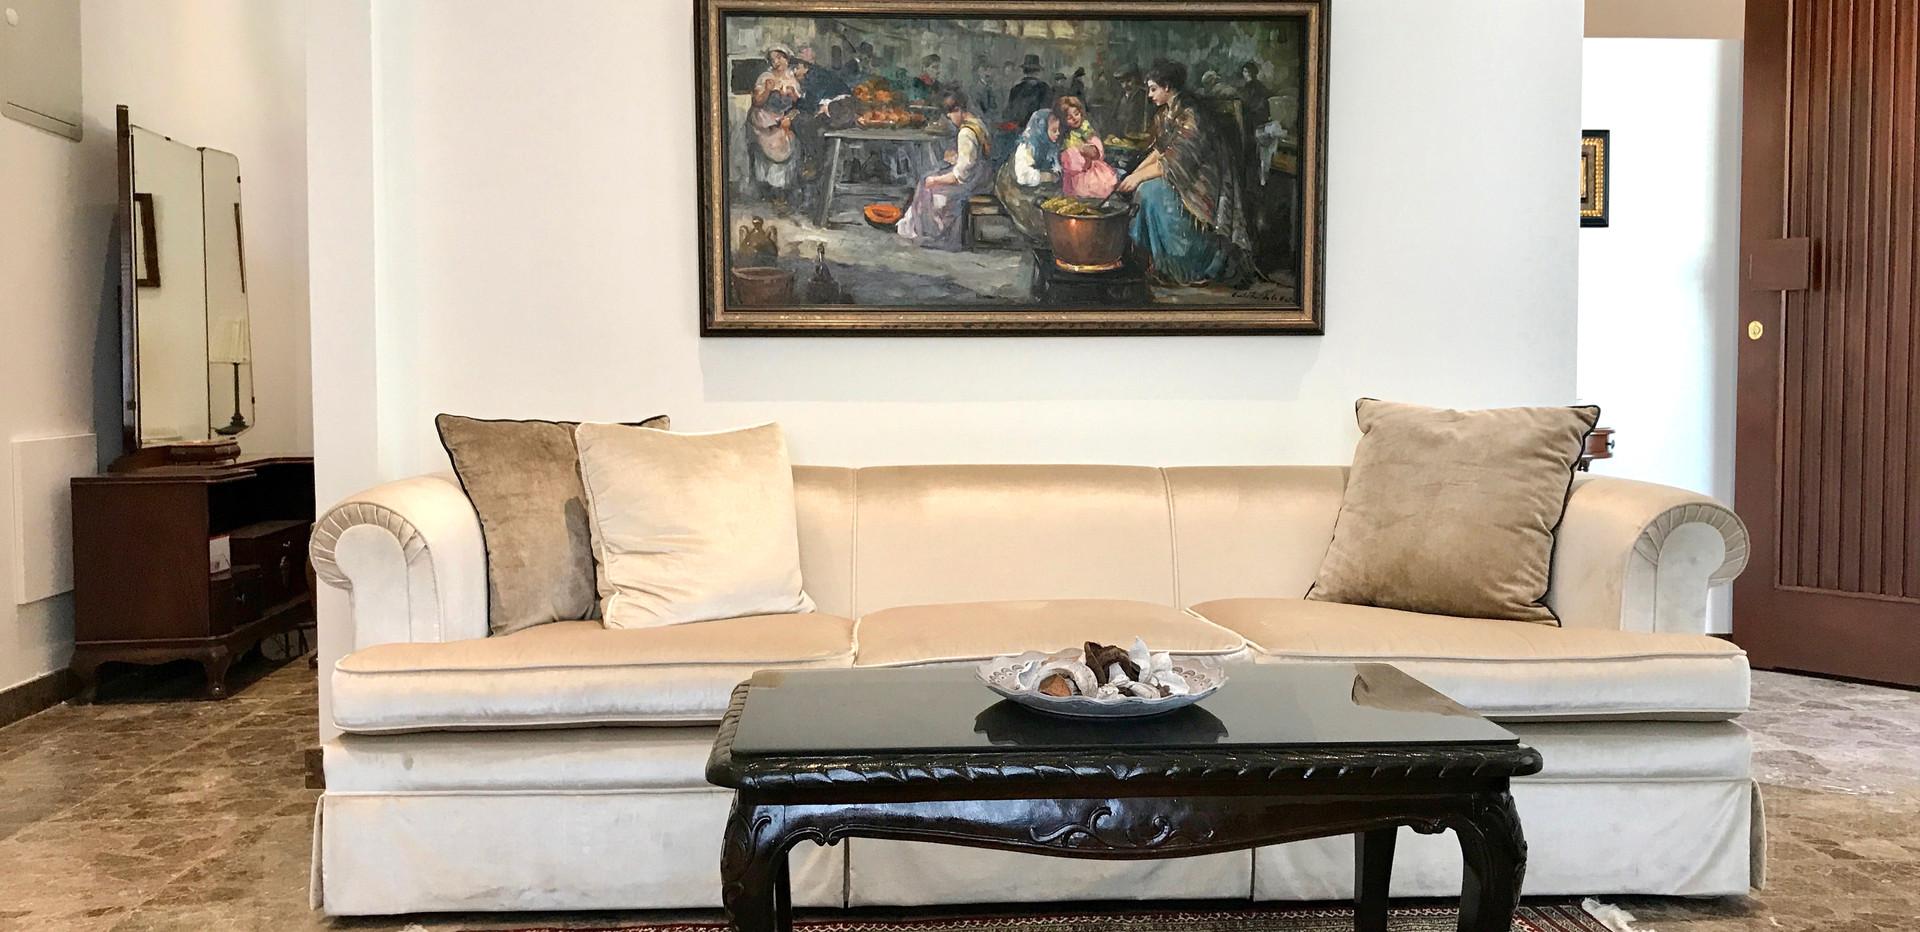 Lemon Livingroom at Avgi's Home